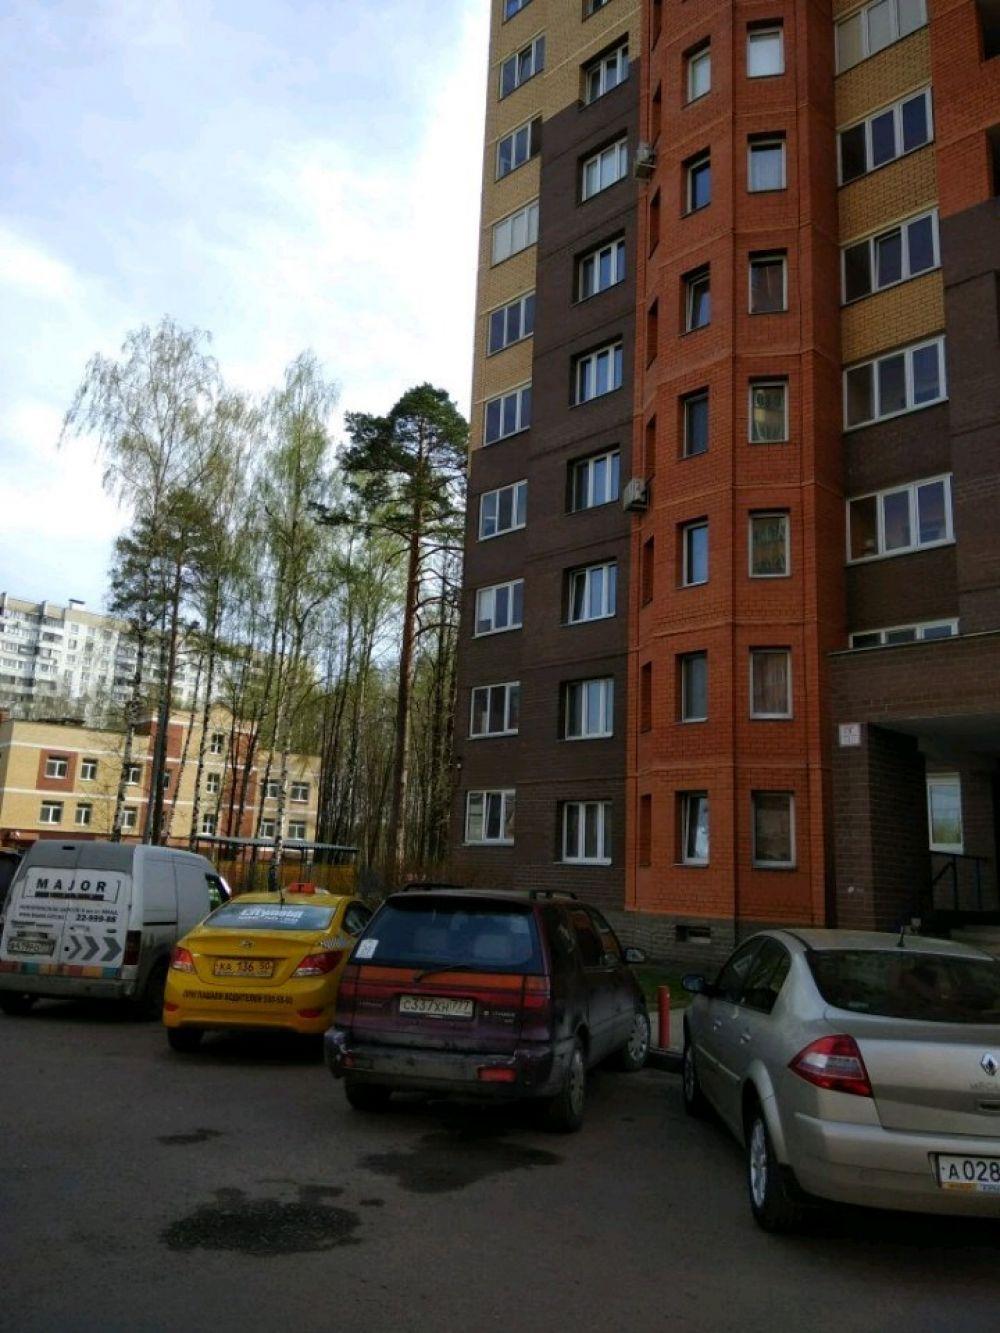 Однокомнатная квартира Московская область г. Королев, ул Мичурина, д. 27 корп. 7, фото 14